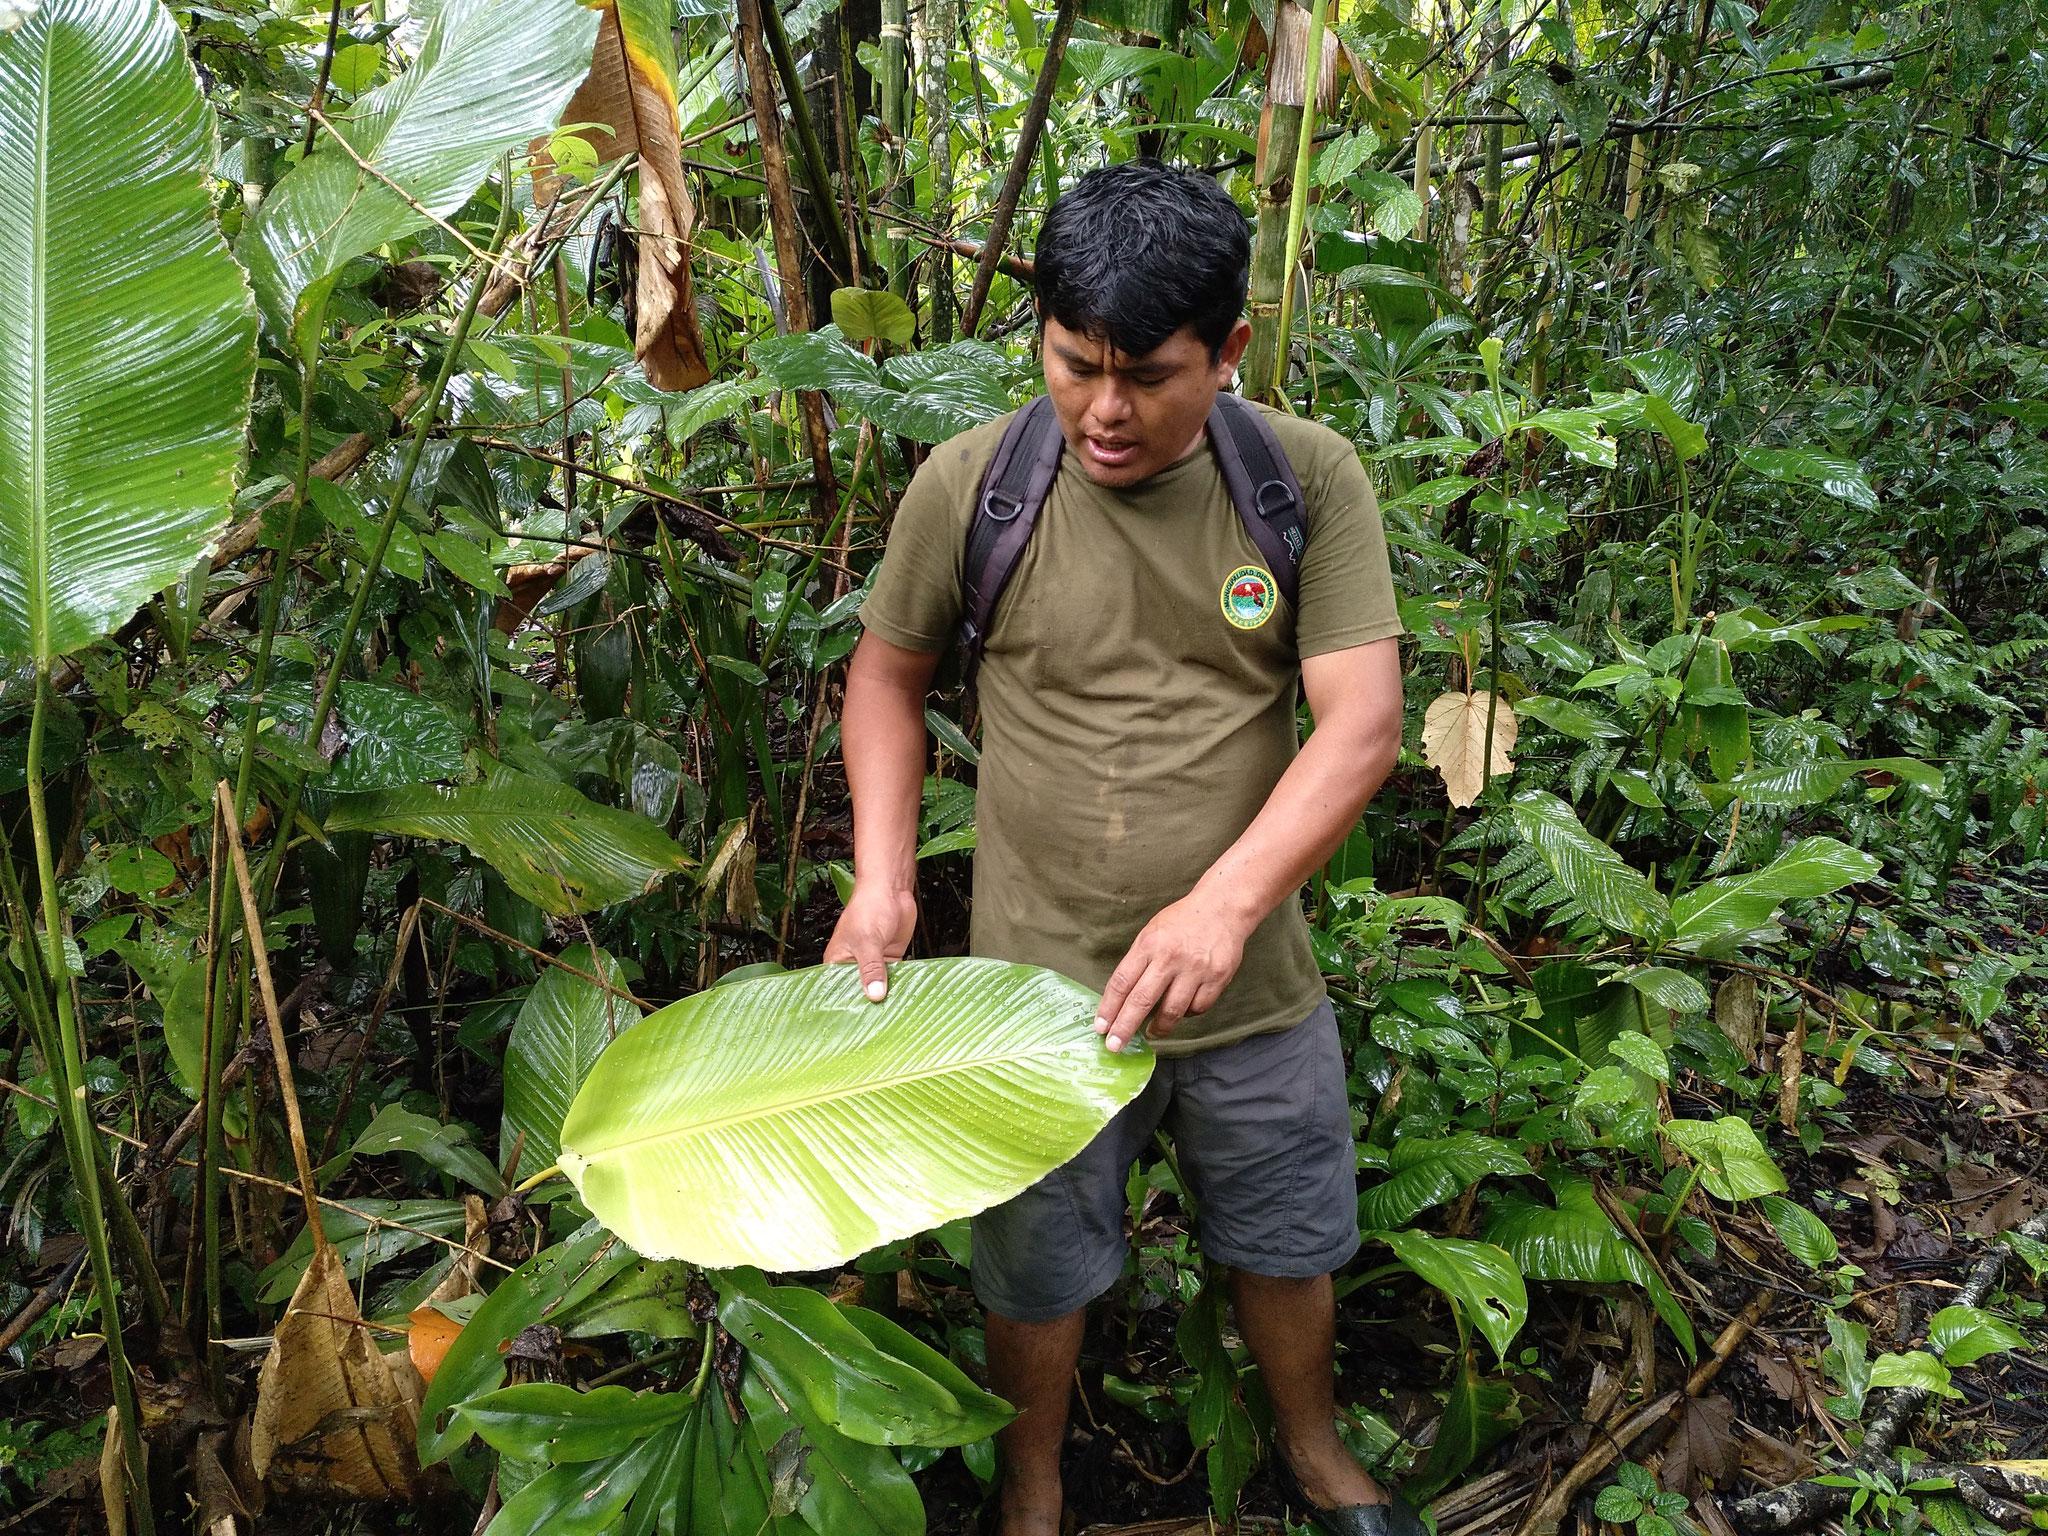 Cesar erklärt uns den Regenwald.